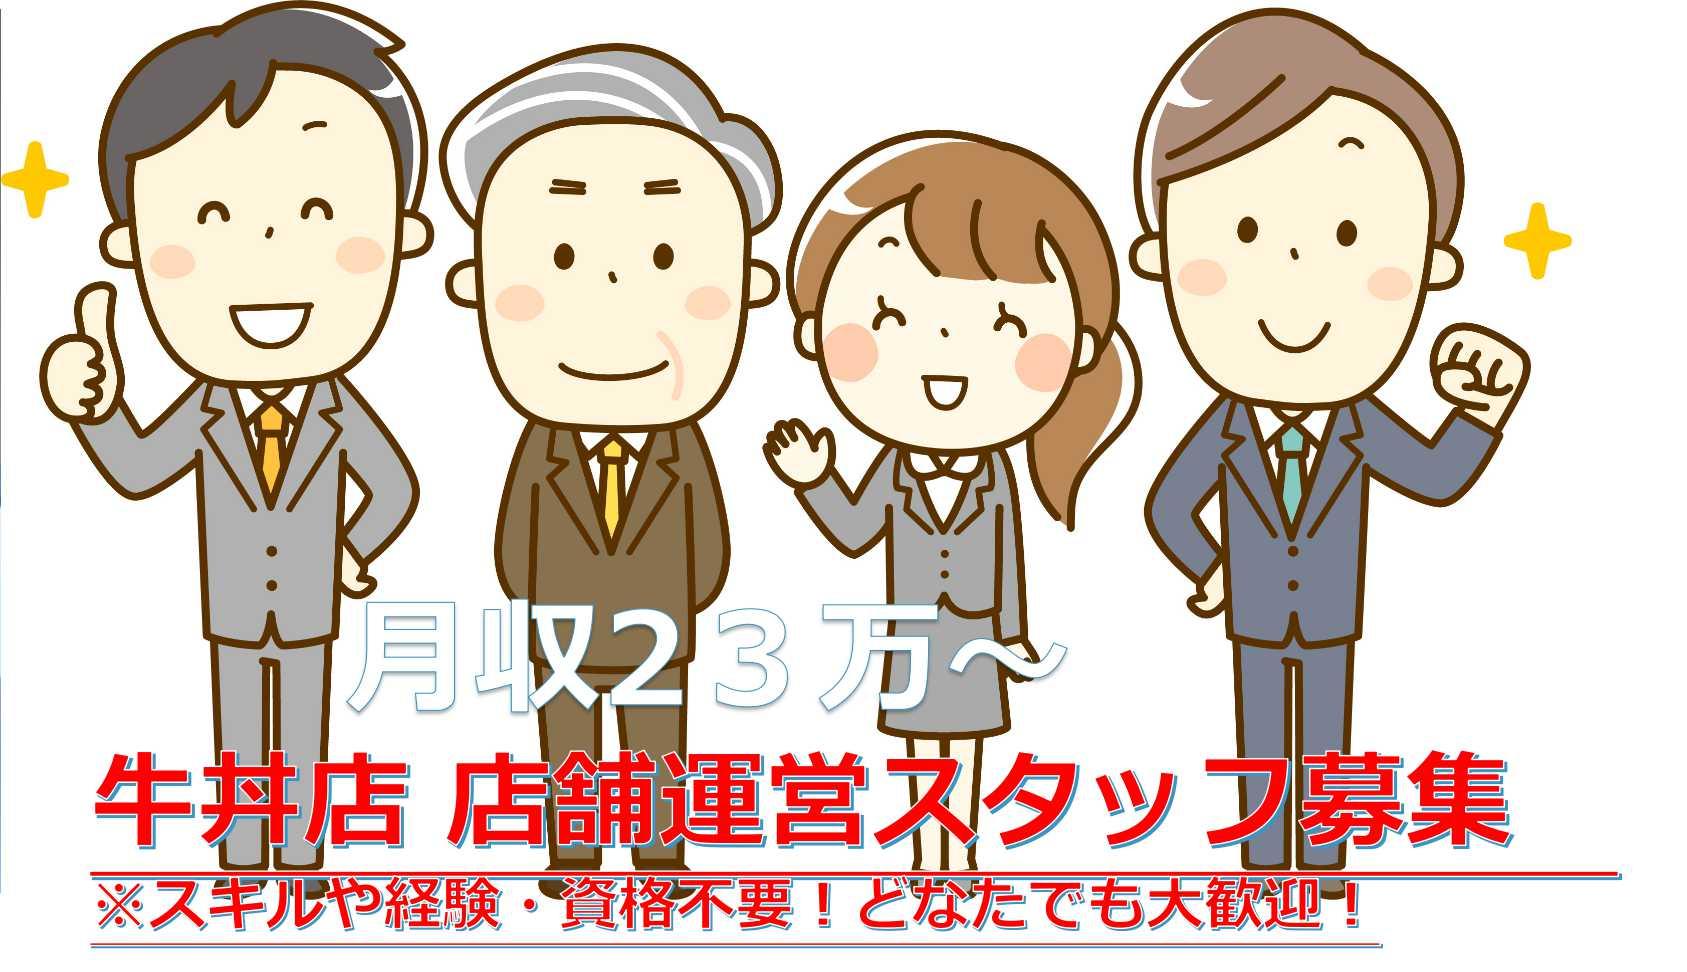 【正社員】未経験歓迎!年間休日123日♪牛丼屋の店舗運営スタッフ【即面談可能】 イメージ